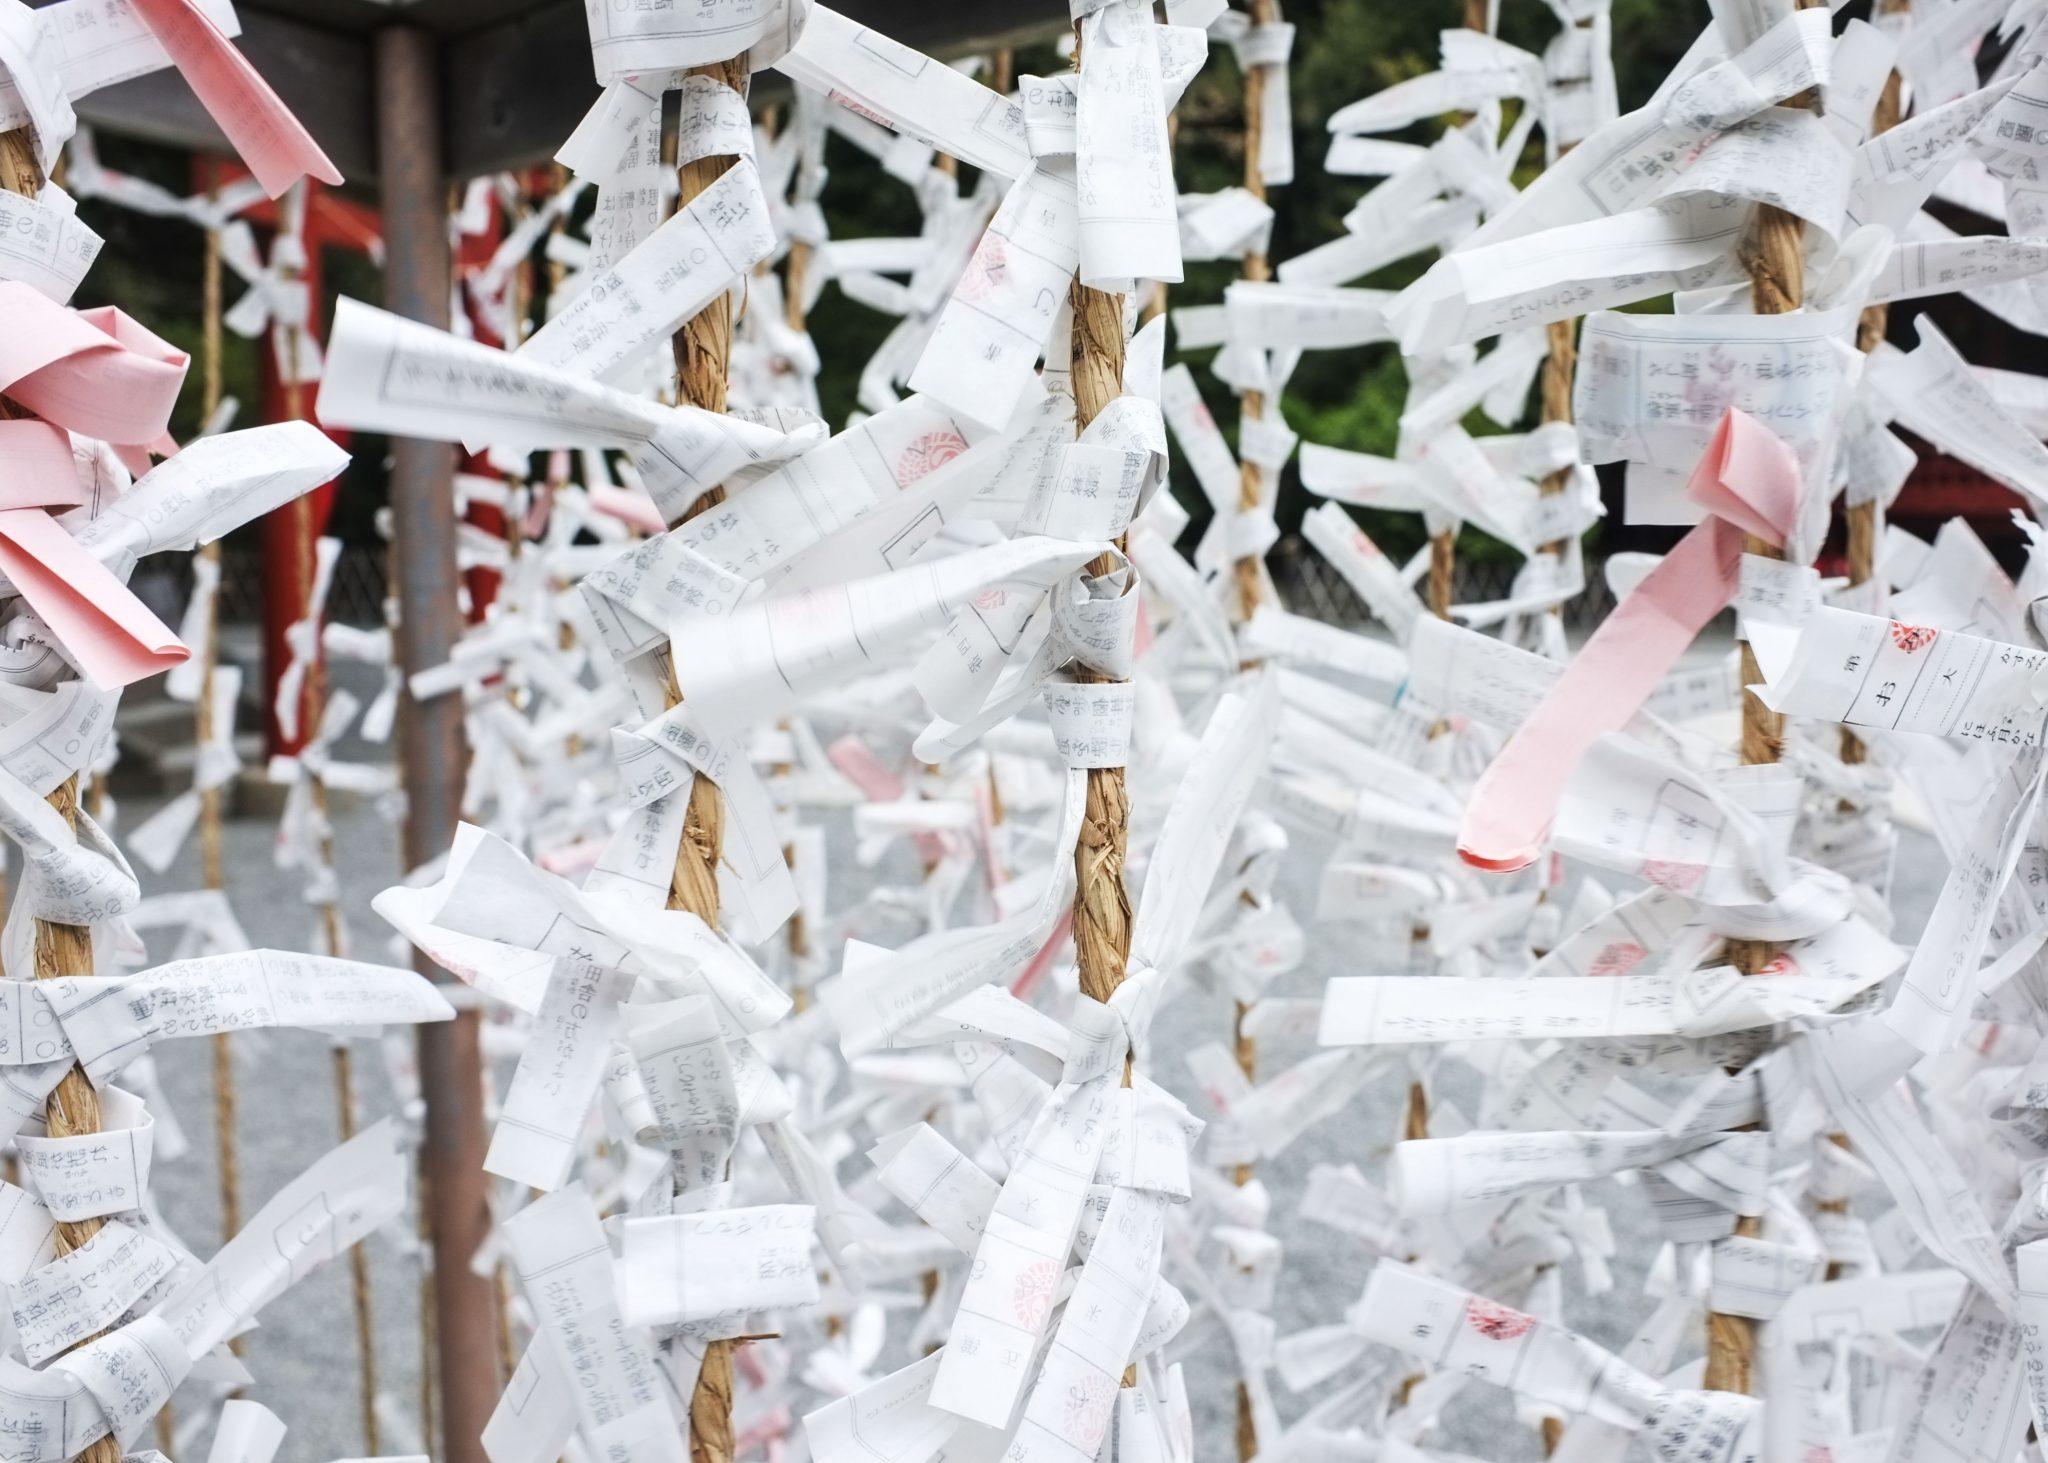 naruihin sidottuja ennustuksia temppelissä kamakurassa